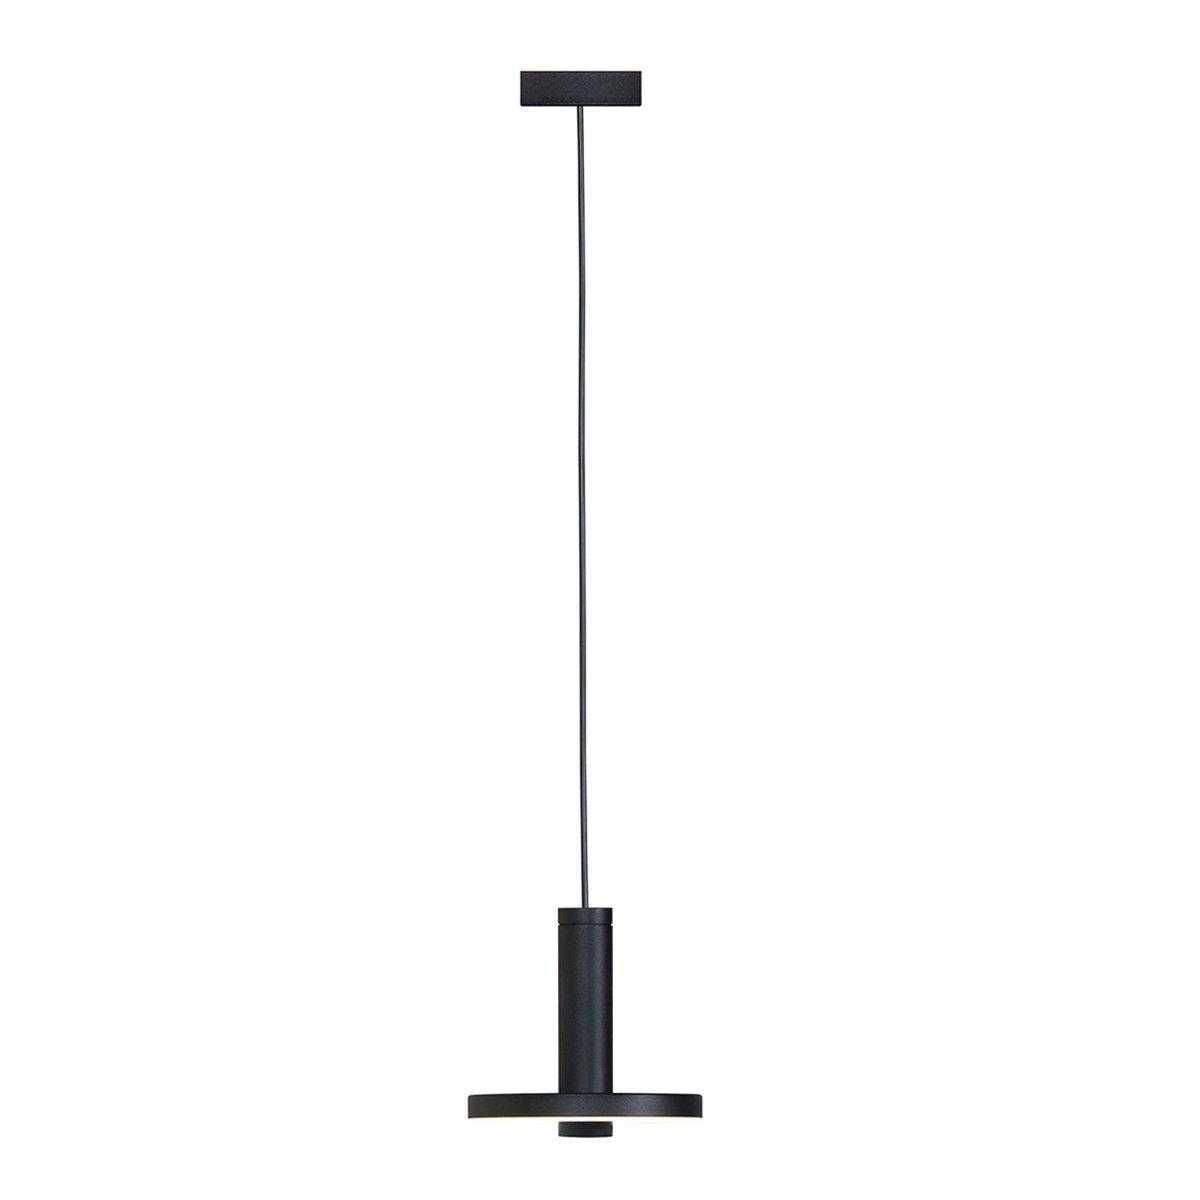 Tonone Beads Hanglamp Pendant Box 108 - Anton de Groof